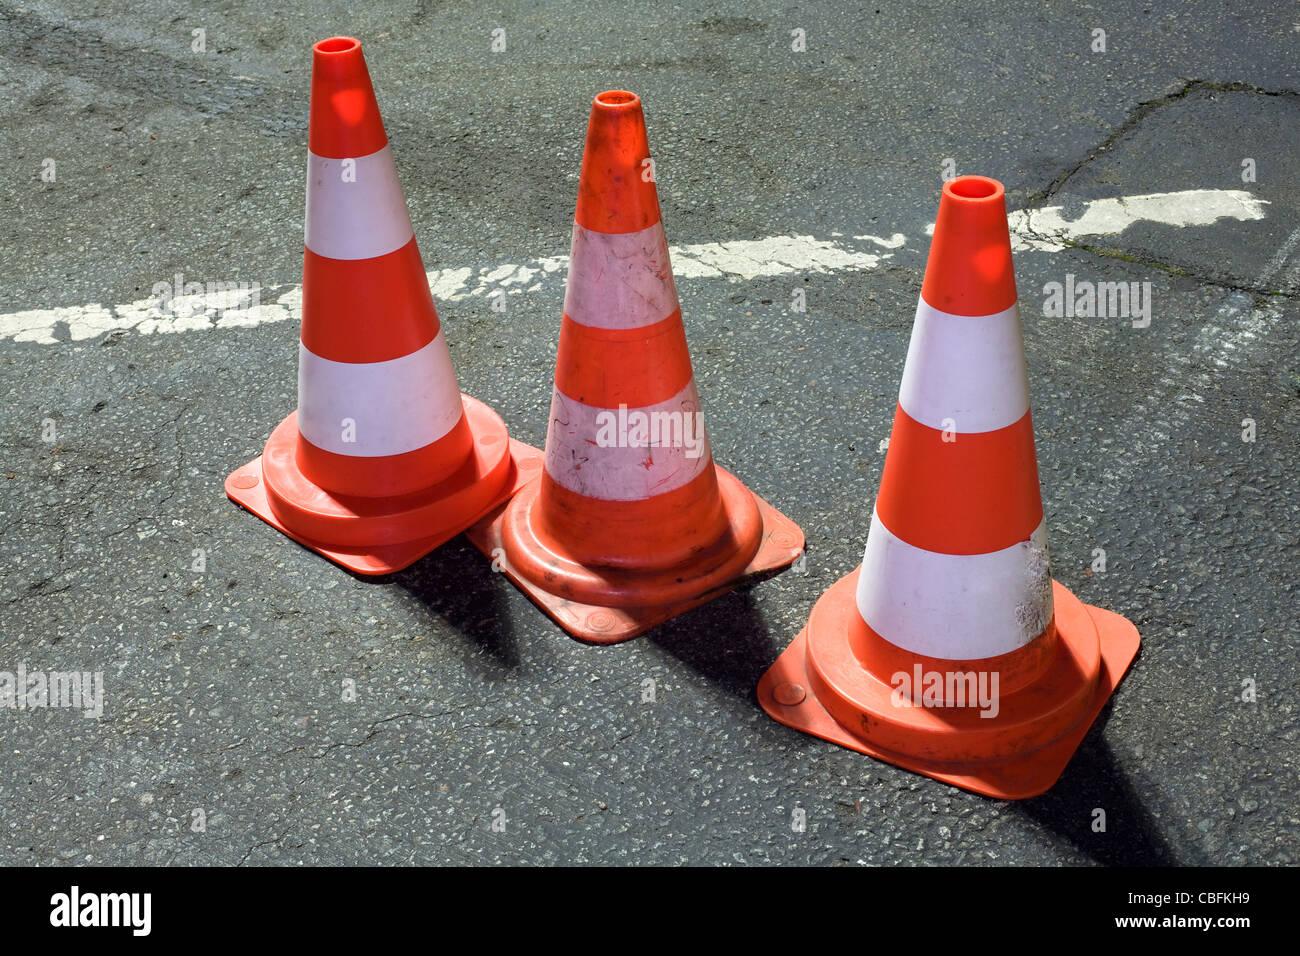 Traffic Cones - Stock Image